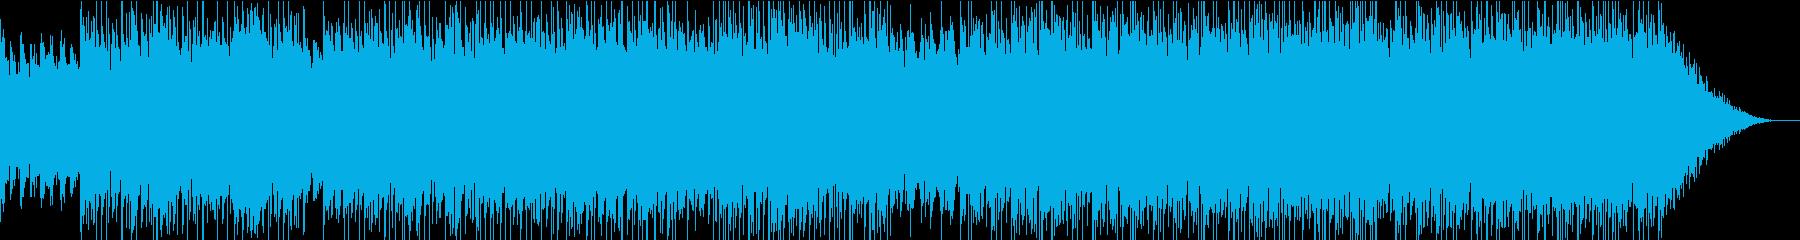 今風のLo-fiビート、お洒落な雰囲気の再生済みの波形